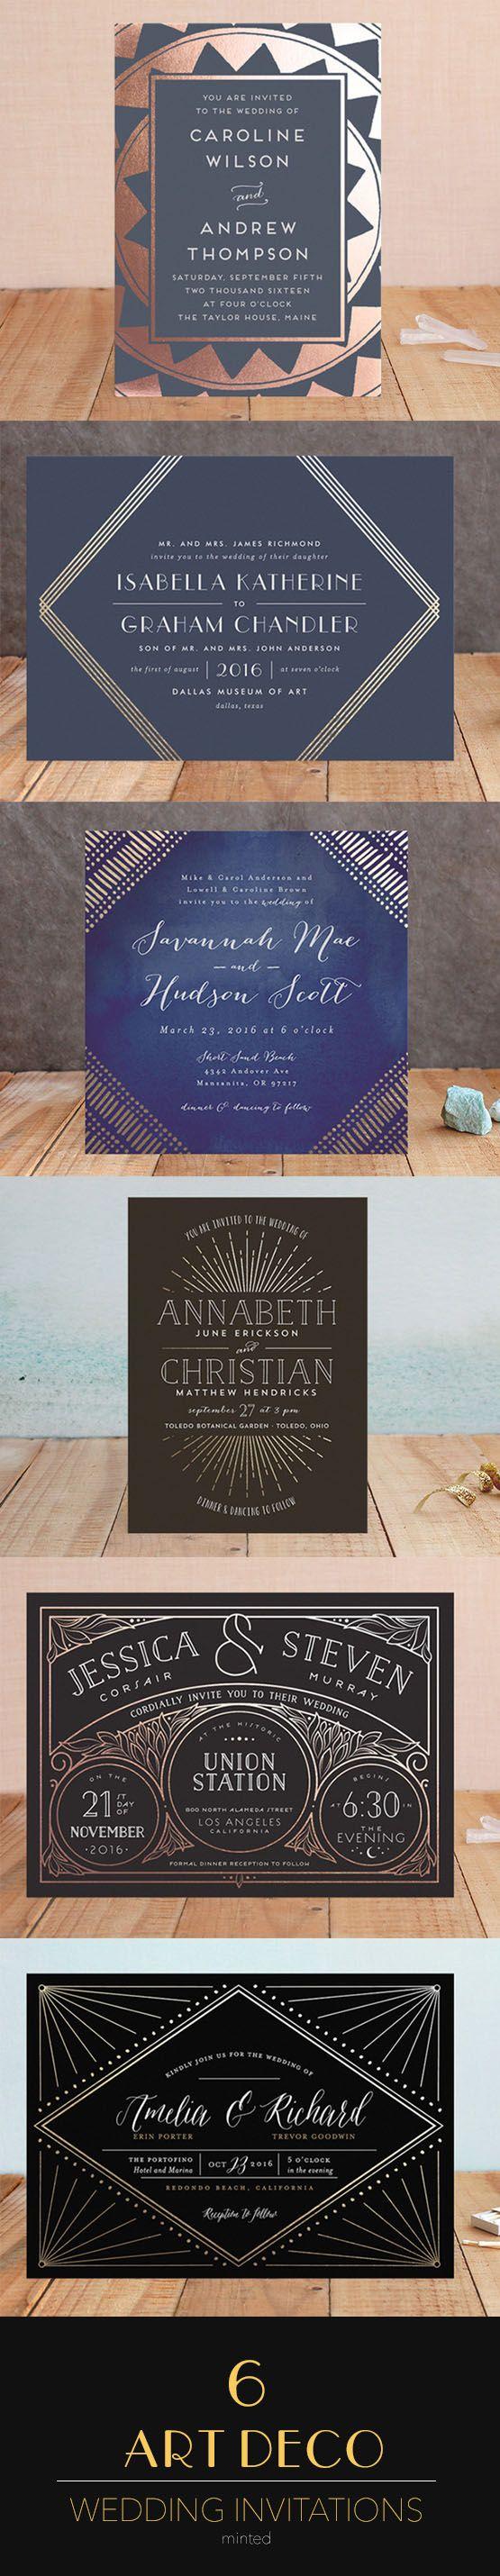 El invitaciones de boda inspirado por arte y decoración expresó su amor a otros por tentador los a sus bodas.